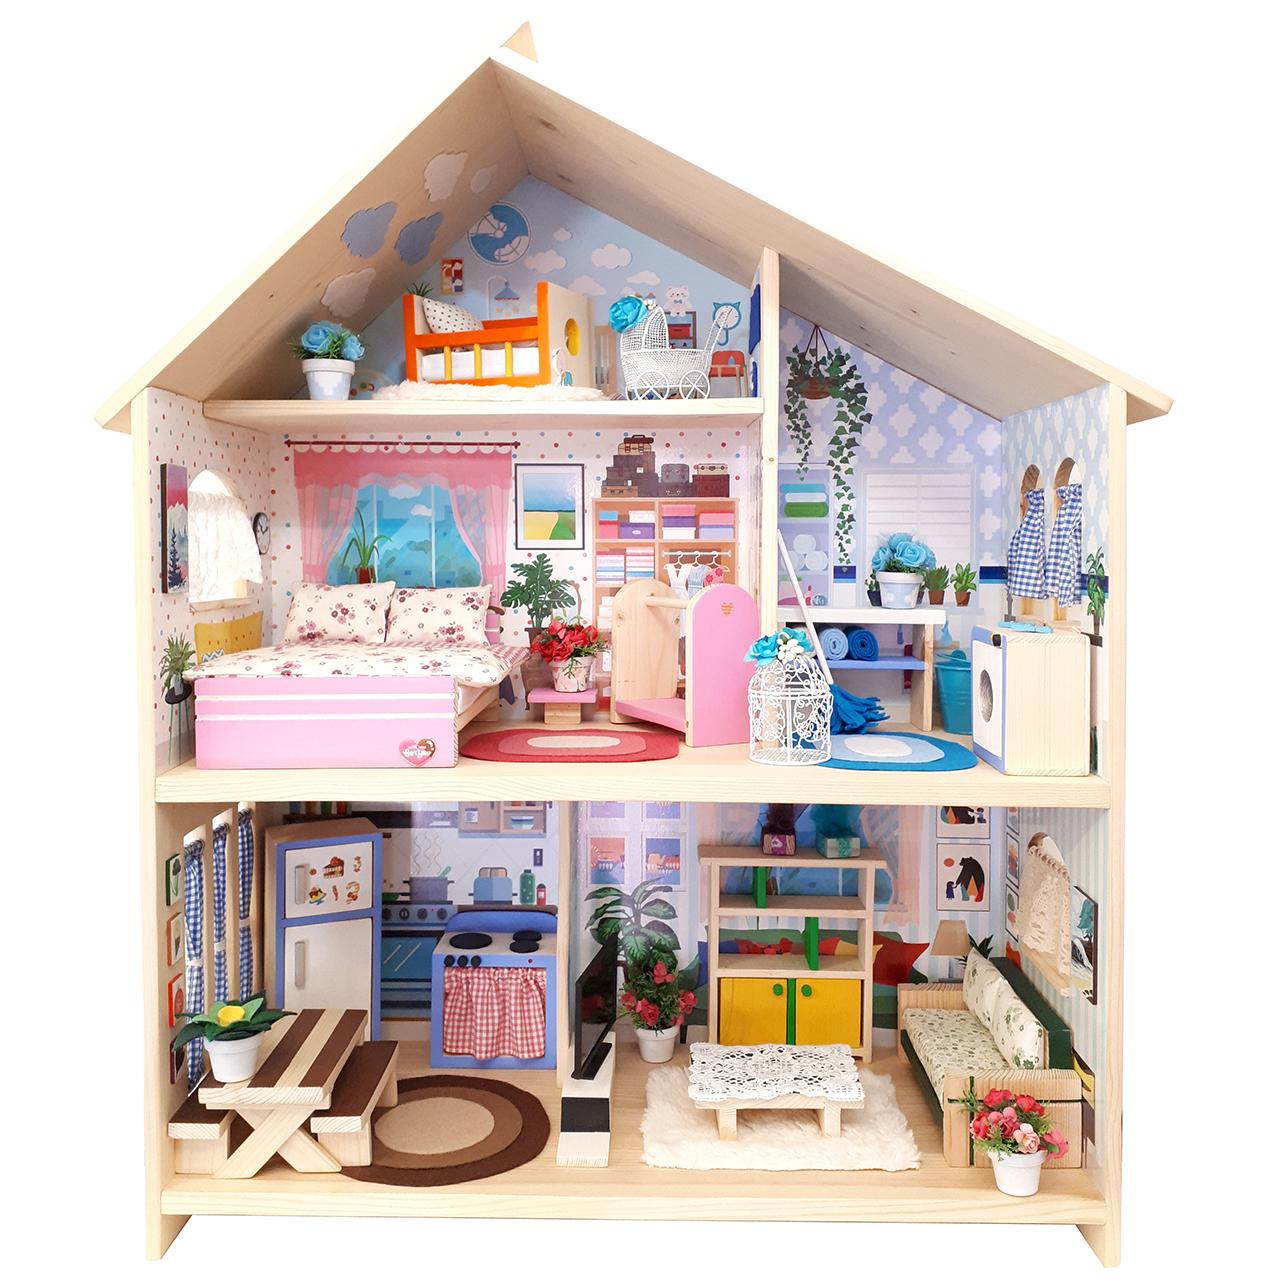 اسباب بازی خانه عروسک کد 003